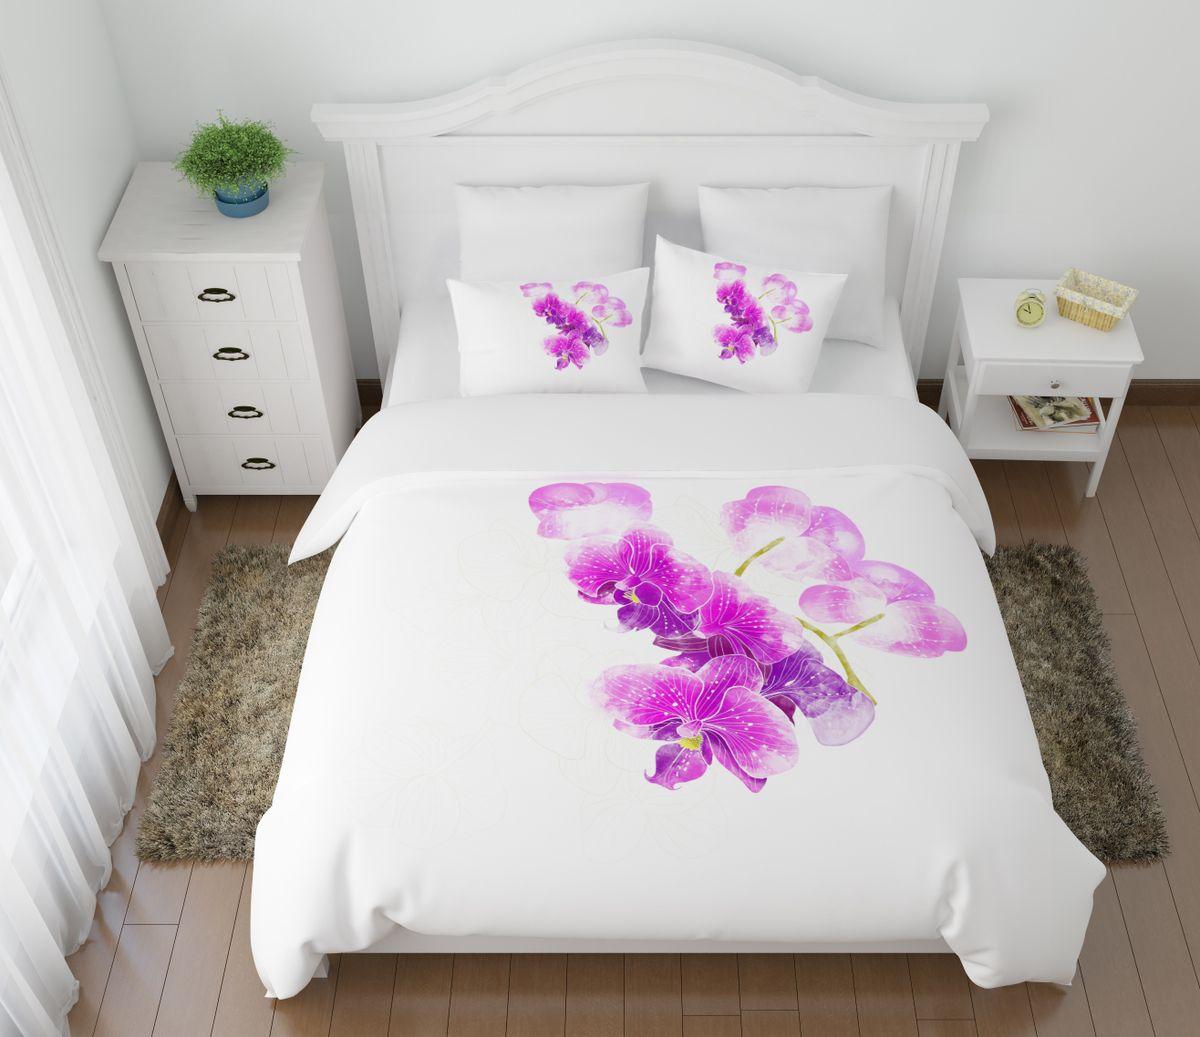 Комплект белья Сирень Ветка орхидеи, 1,5-спальный, наволочки 50x70FA-5125 WhiteКомплект постельного белья Сирень состоит из простыни, пододеяльника и 2 наволочек. Комплект выполнен из современных гипоаллергенных материалов. Приятный при прикосновении сатин - гарантия здорового, спокойного сна. Ткань хорошо впитывает влагу, надолго сохраняет яркость красок. Четкий, изящный рисунок в сочетании с насыщенными красками делает комплект постельного белья неповторимой изюминкой любого интерьера. Постельное белье идеально подойдет для подарка.